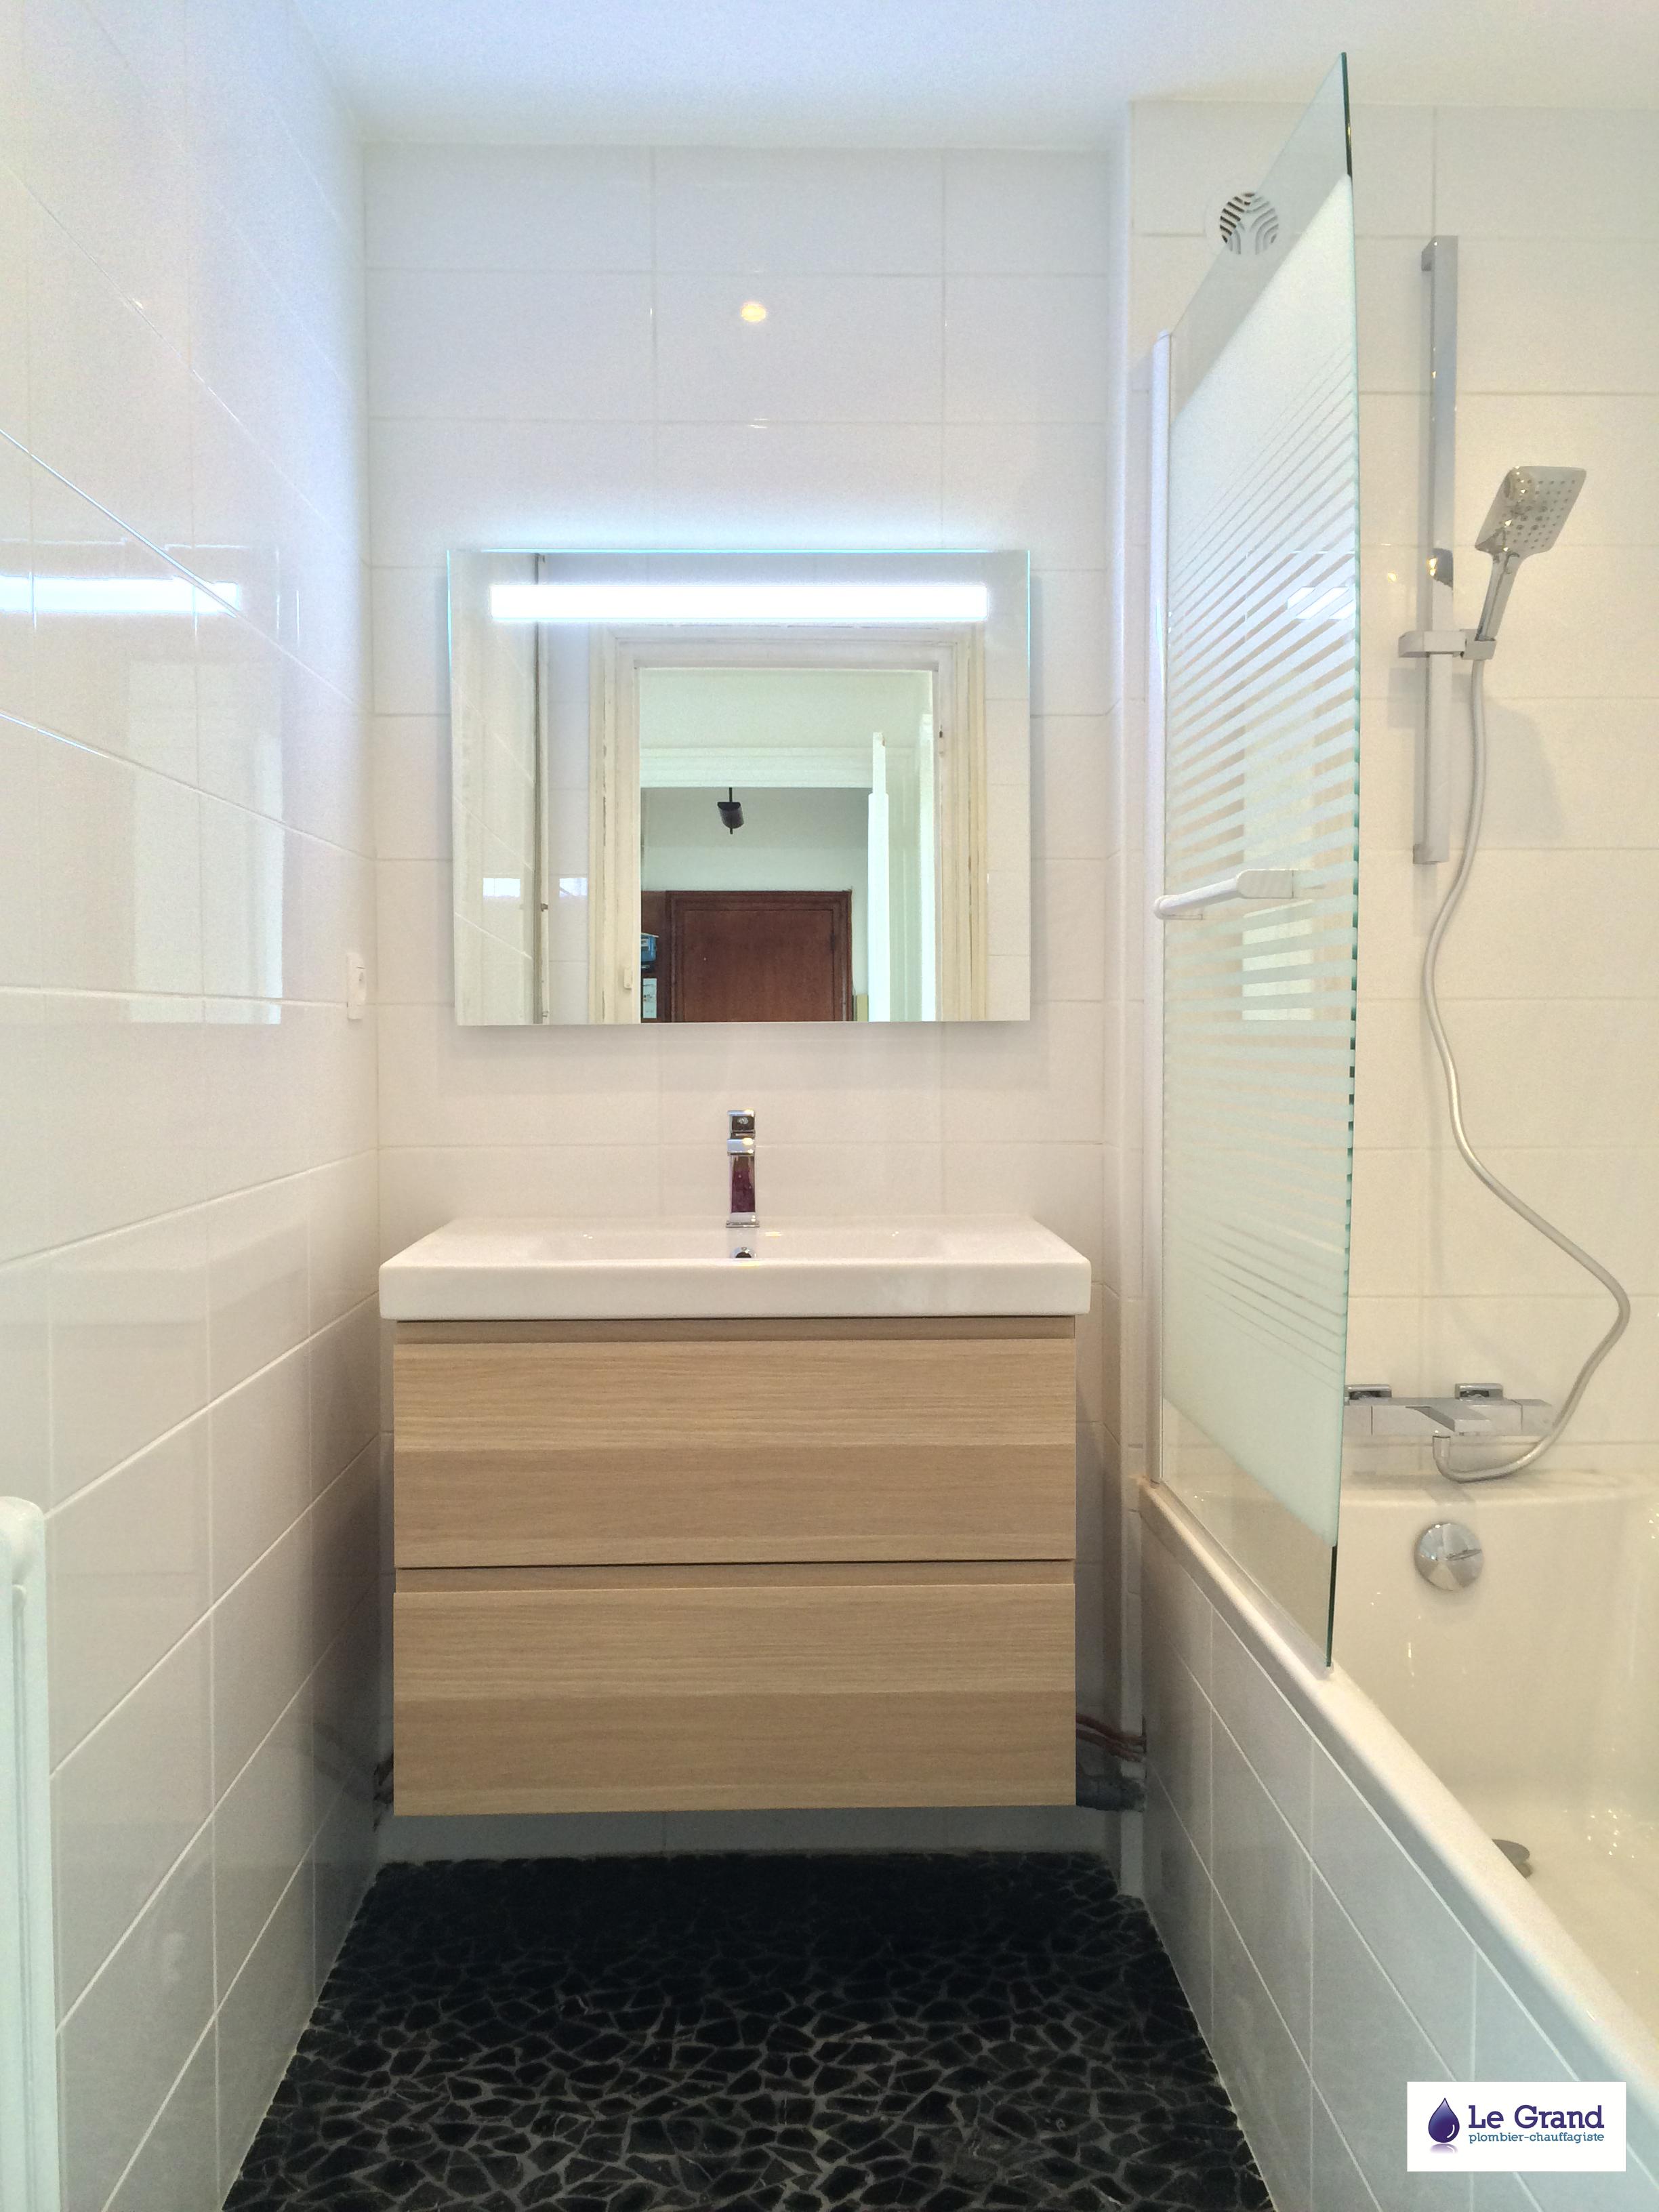 Le grand plombier chauffagiste rennes bruz salle de for Salle de bain douche ou baignoire